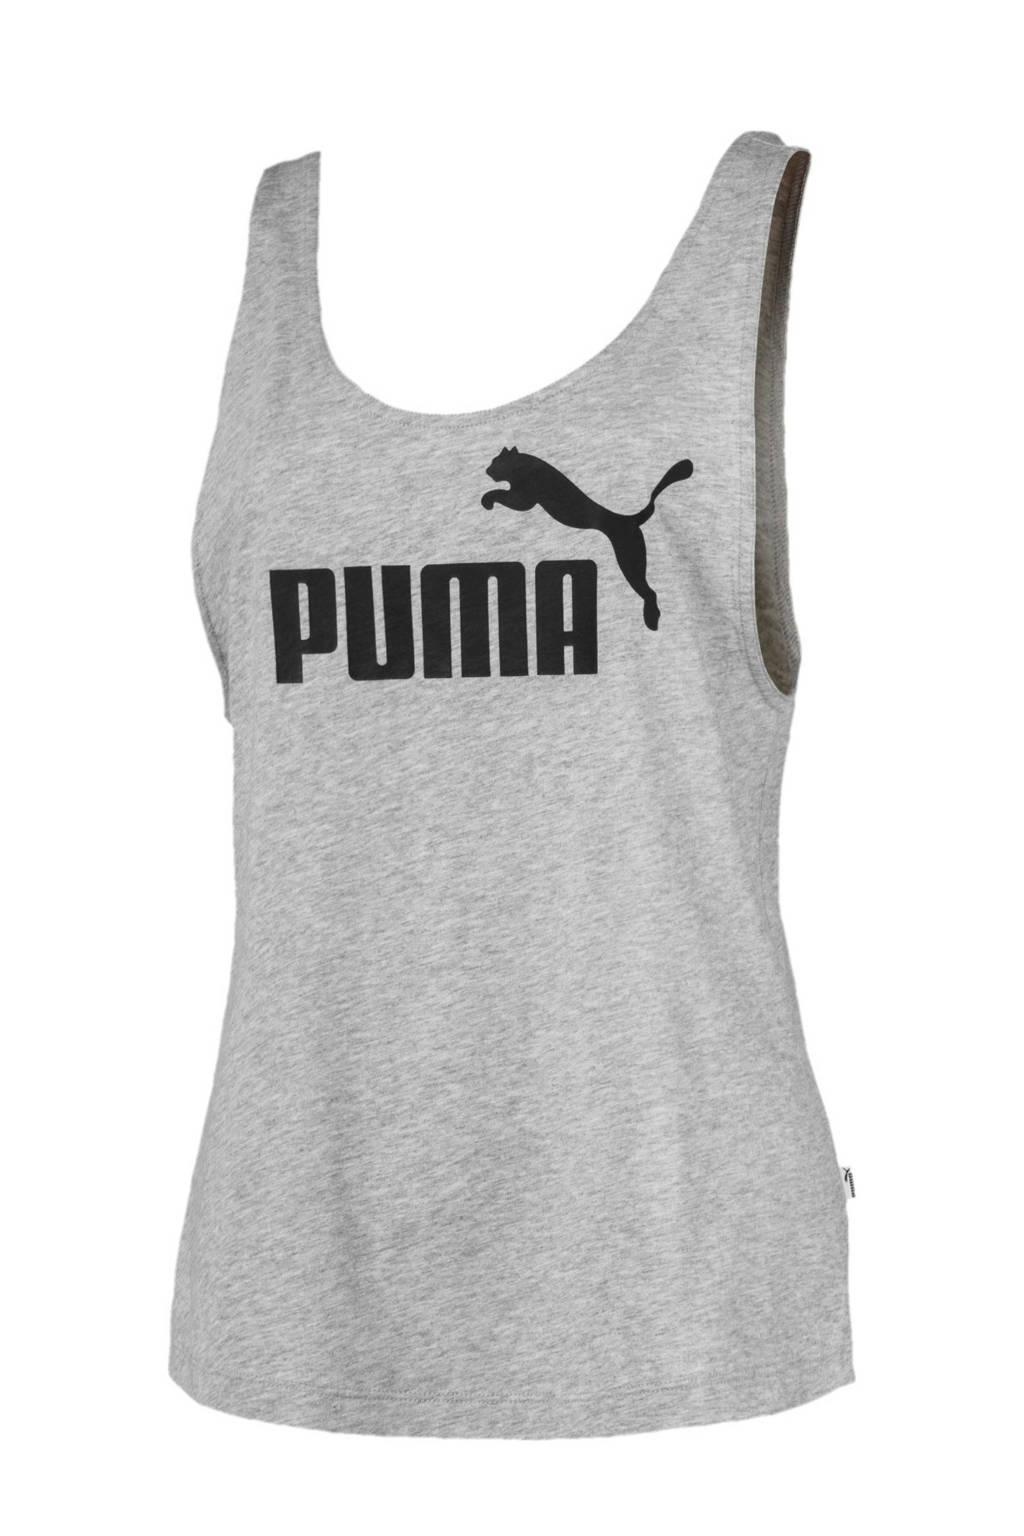 Puma top, Grijs melange/zwart